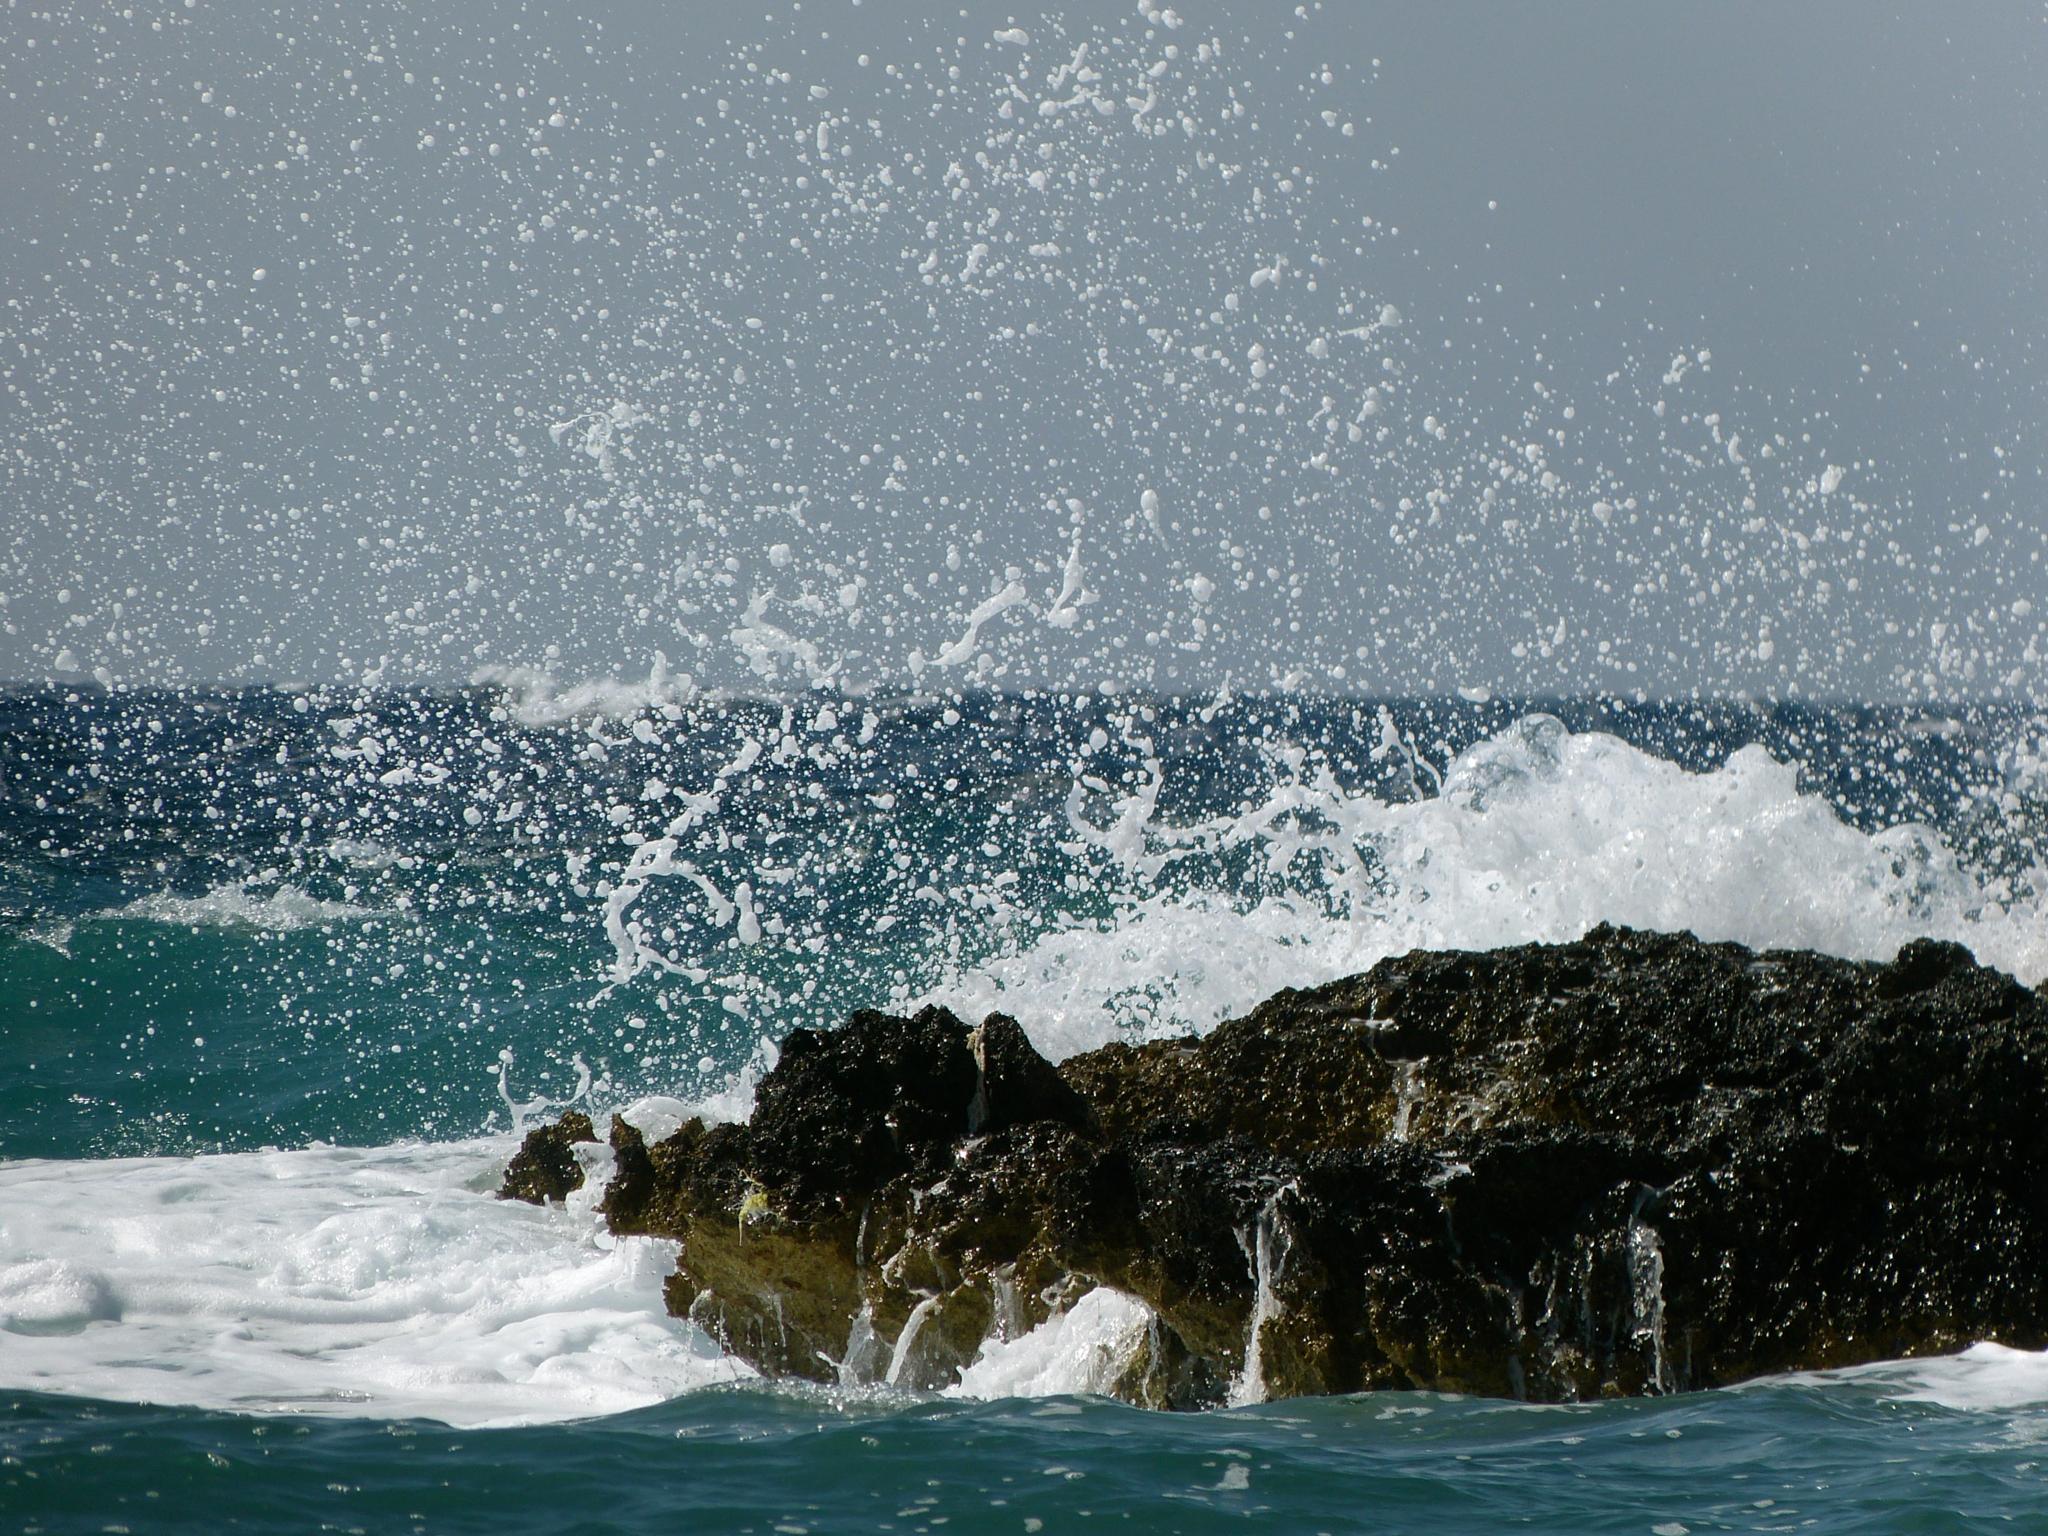 The Sea by peterkryzun